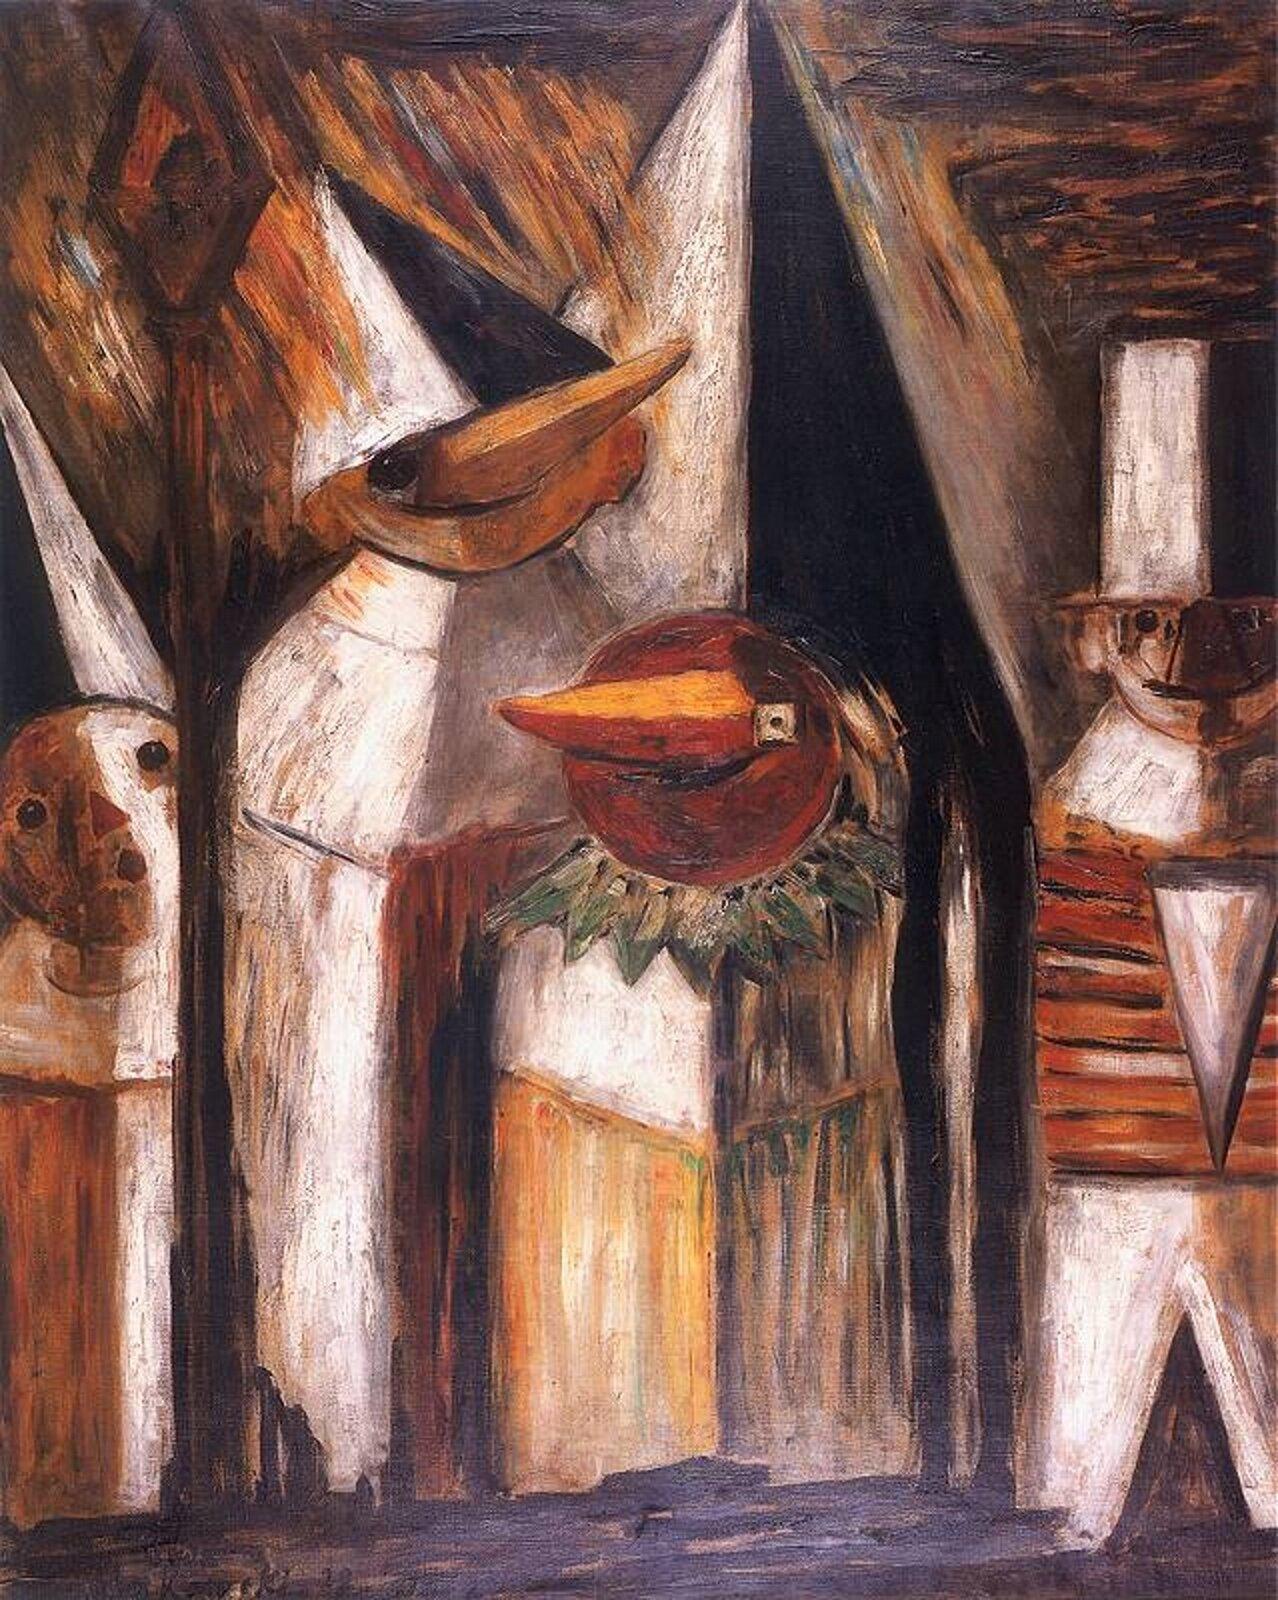 """Ilustracja przedstawia obraz pt. """"Maskarada"""" autorstwa Tadeusza Makowskiego. Dzieło ukazuje cztery postacie wnakryciach głowy ze szpiczastymi nosami. Tułów mają prostokątny, jakby złożony zdrewnianych desek."""